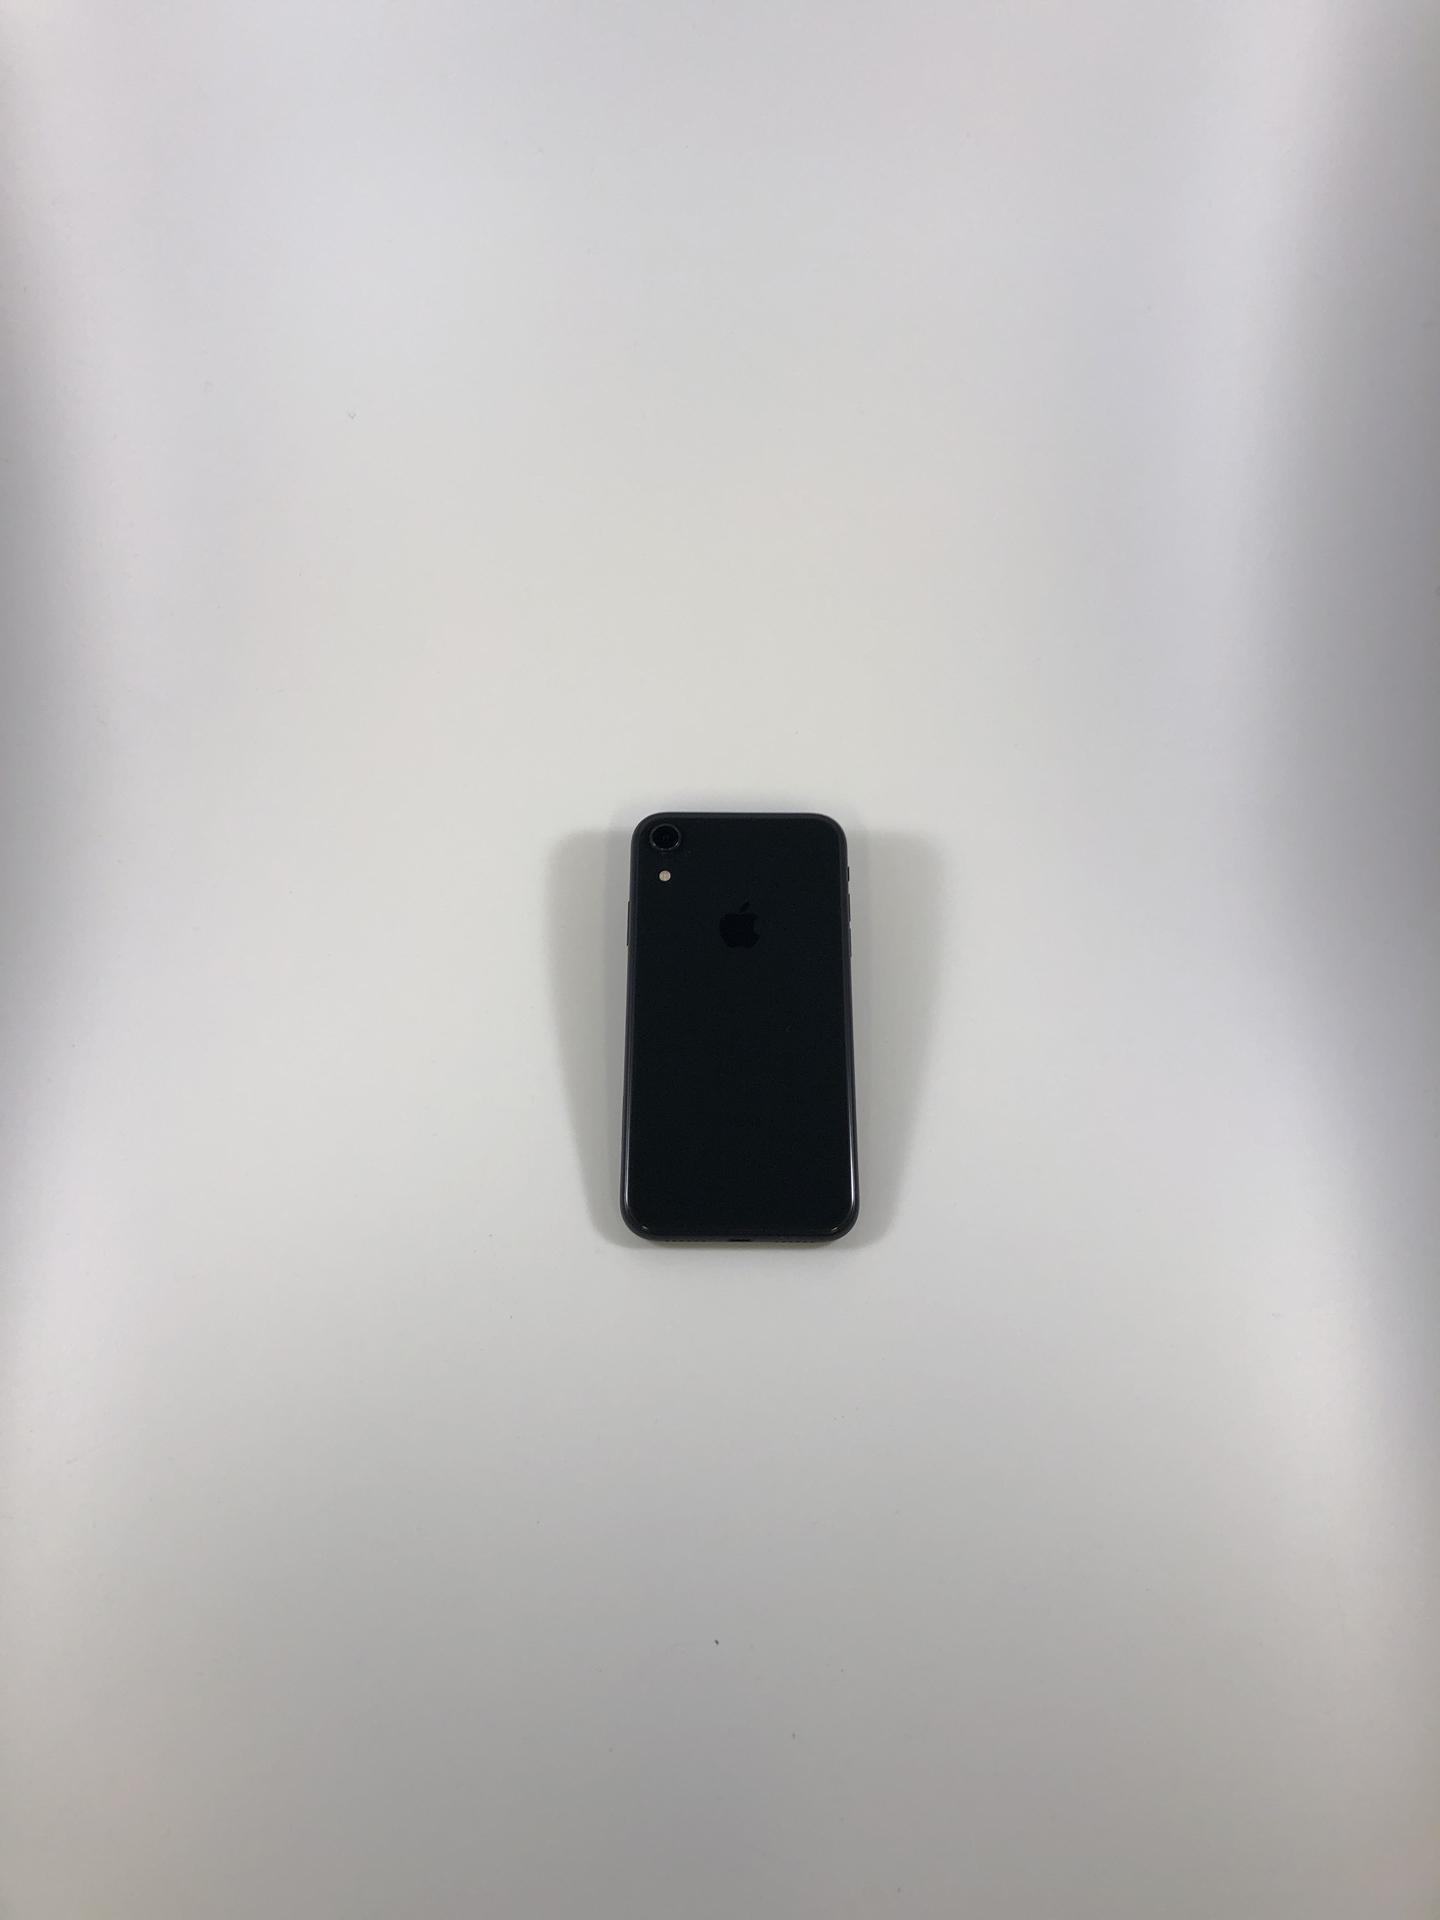 iPhone XR 256GB, 256GB, Black, Kuva 3